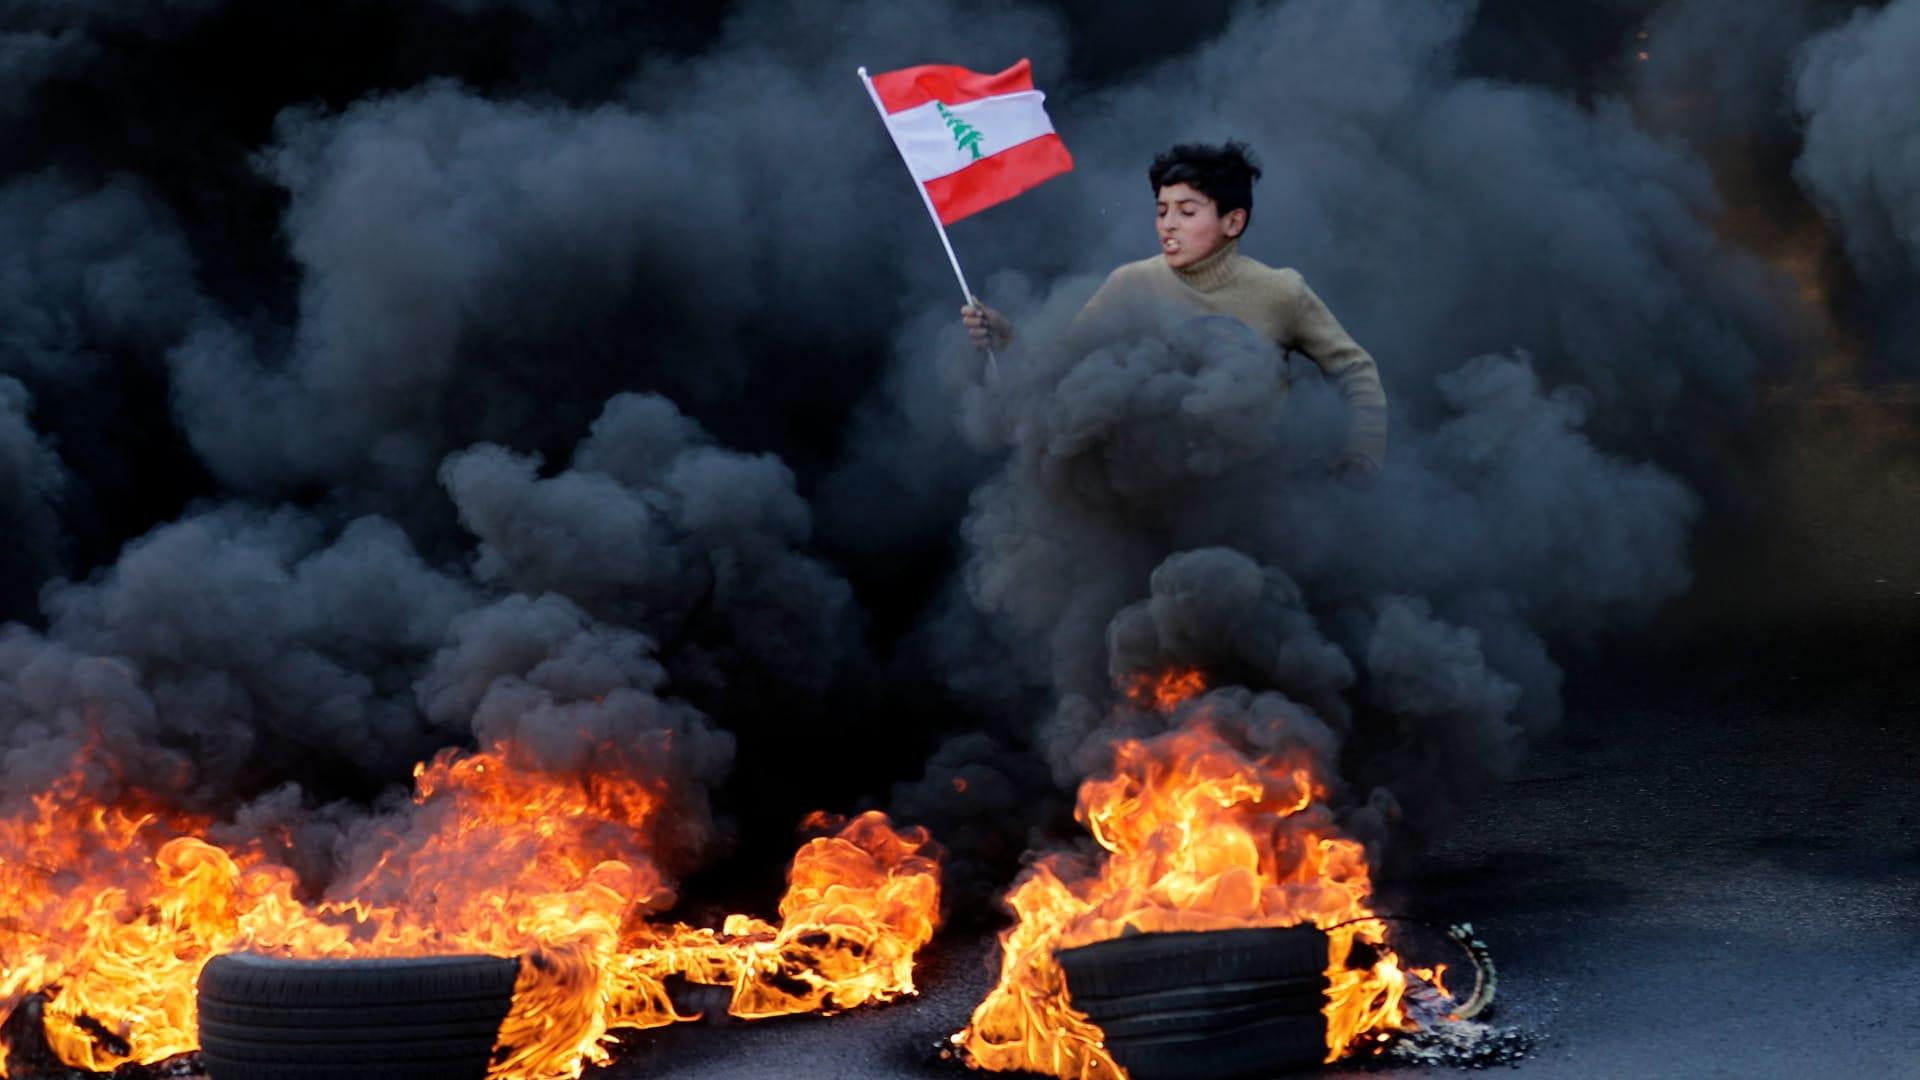 في الذكرى الأولى لانفجار المرفأ.. هكذا انتهت الاشتباكات وسط بيروت